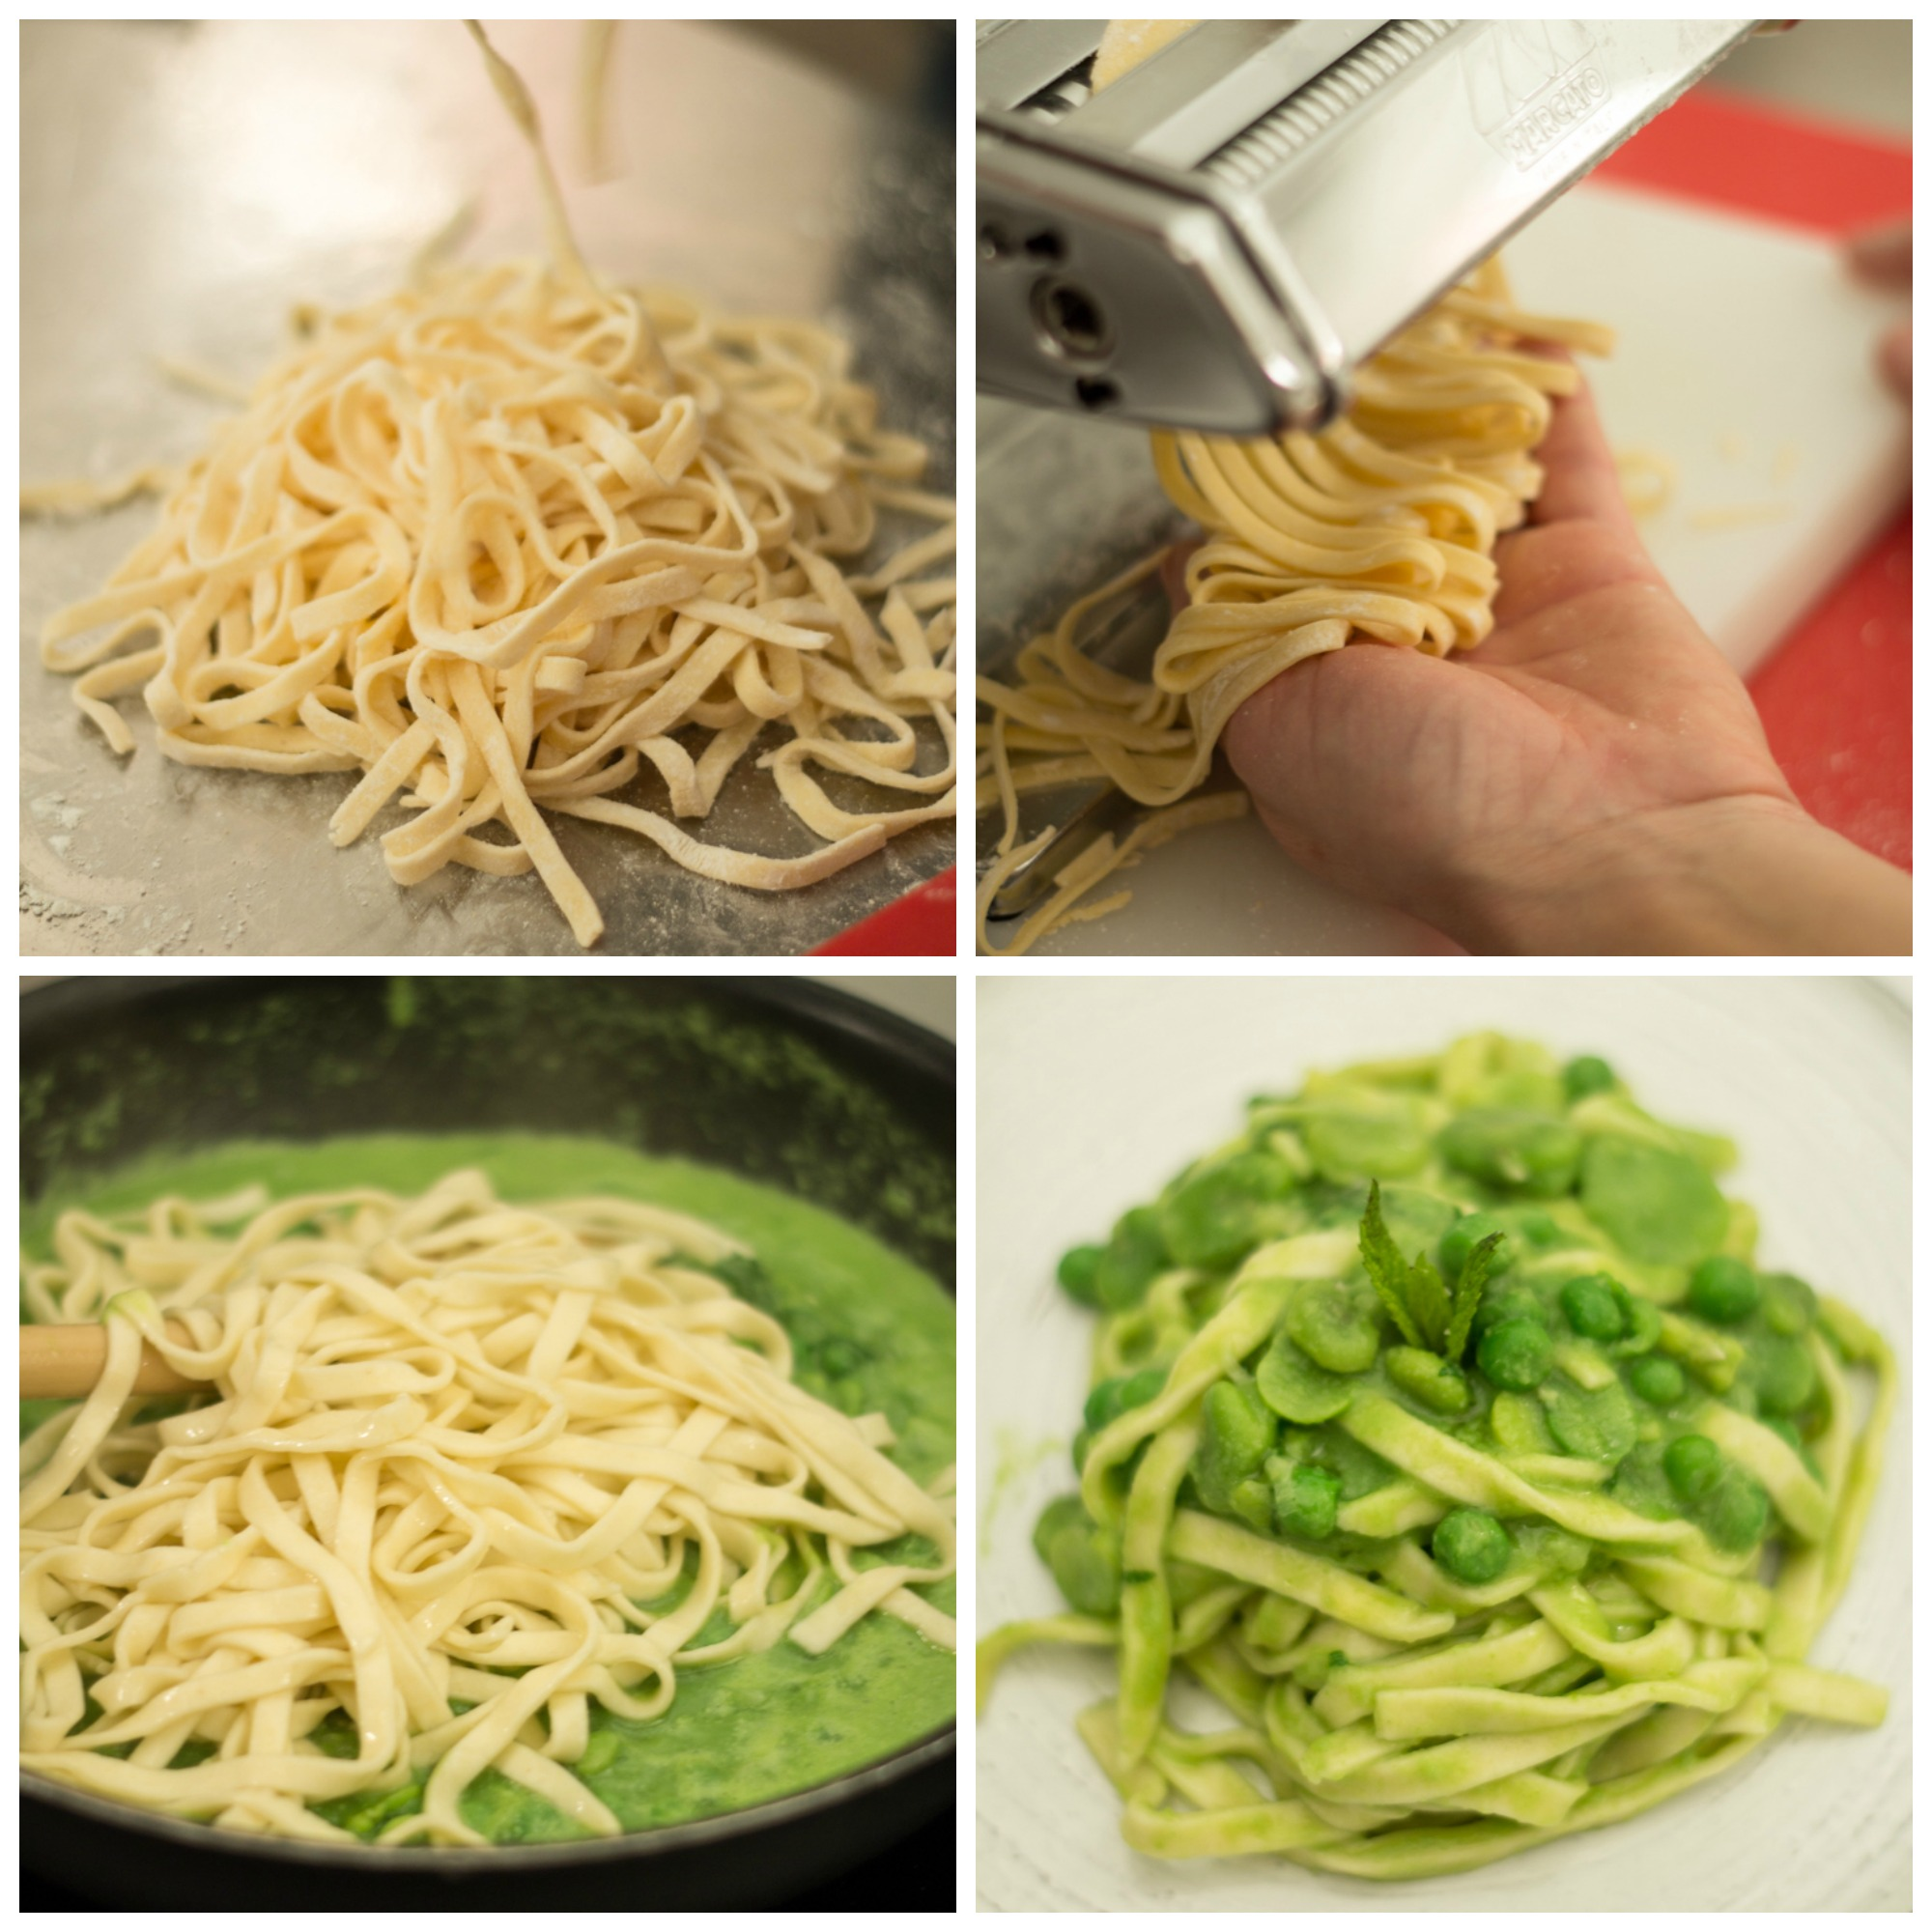 corso di cucina al gambero rosso - gluten free travel and living - Scuola Di Cucina Gambero Rosso